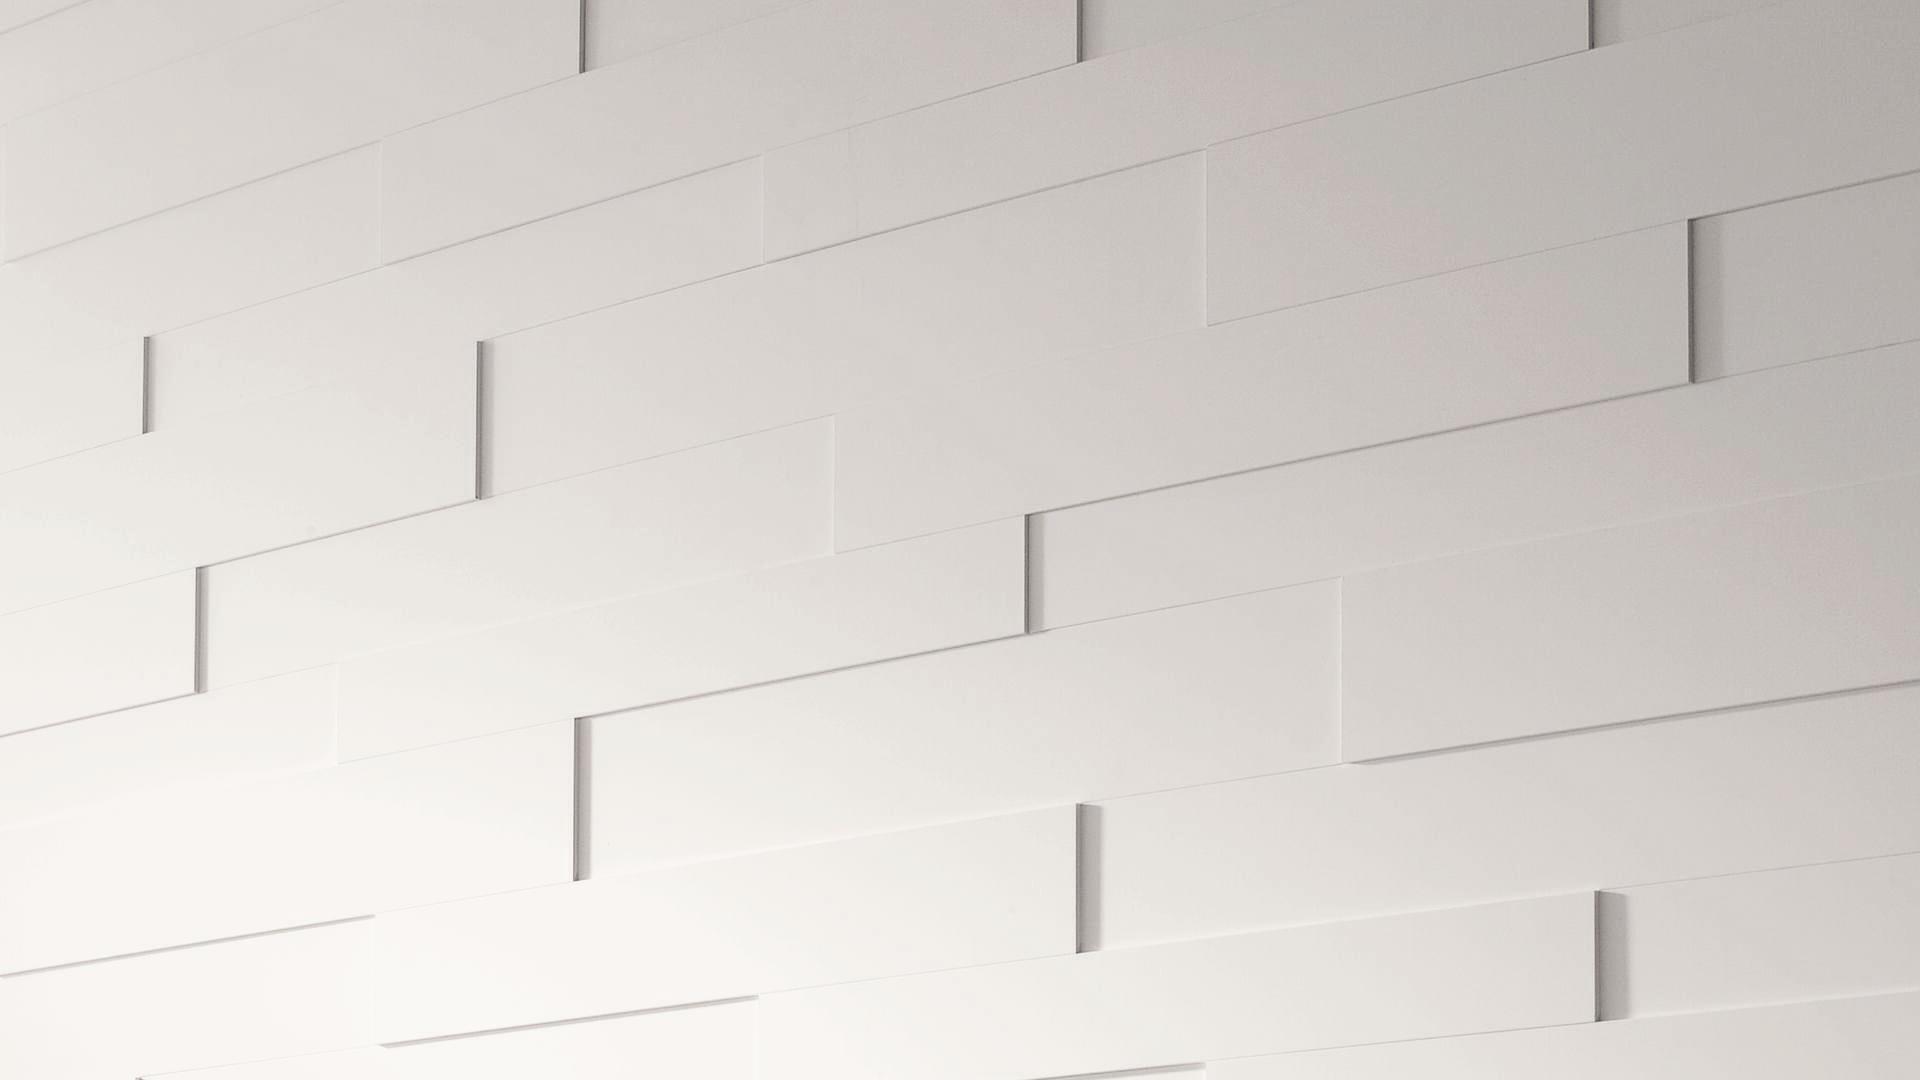 Panneaux décoratifs Nova SP 300 Blanc 4038